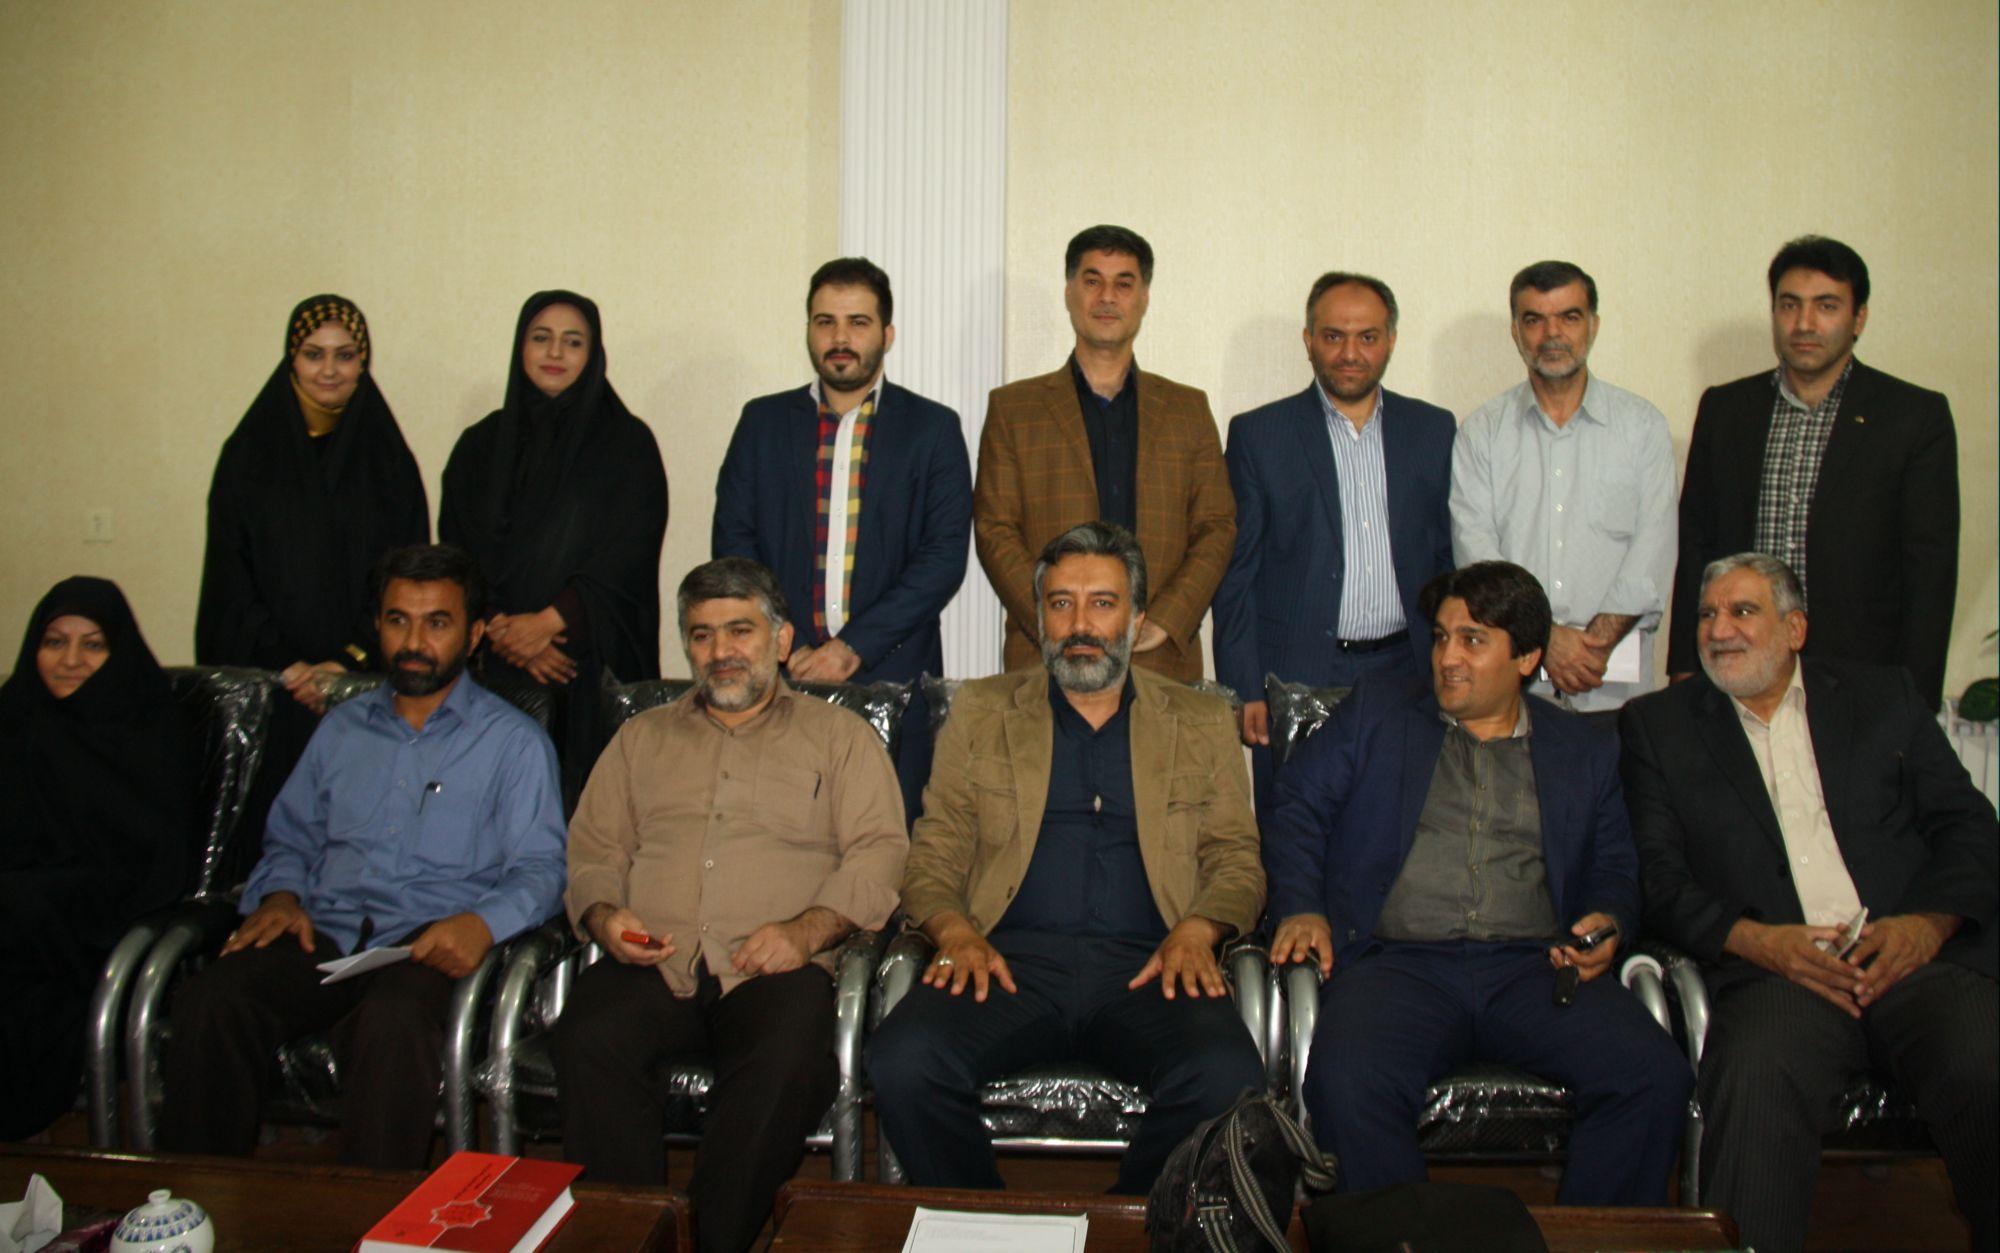 مراسم تحلیف دو عضو جدید شورای اسلامی شهر ورامین برگزارشد